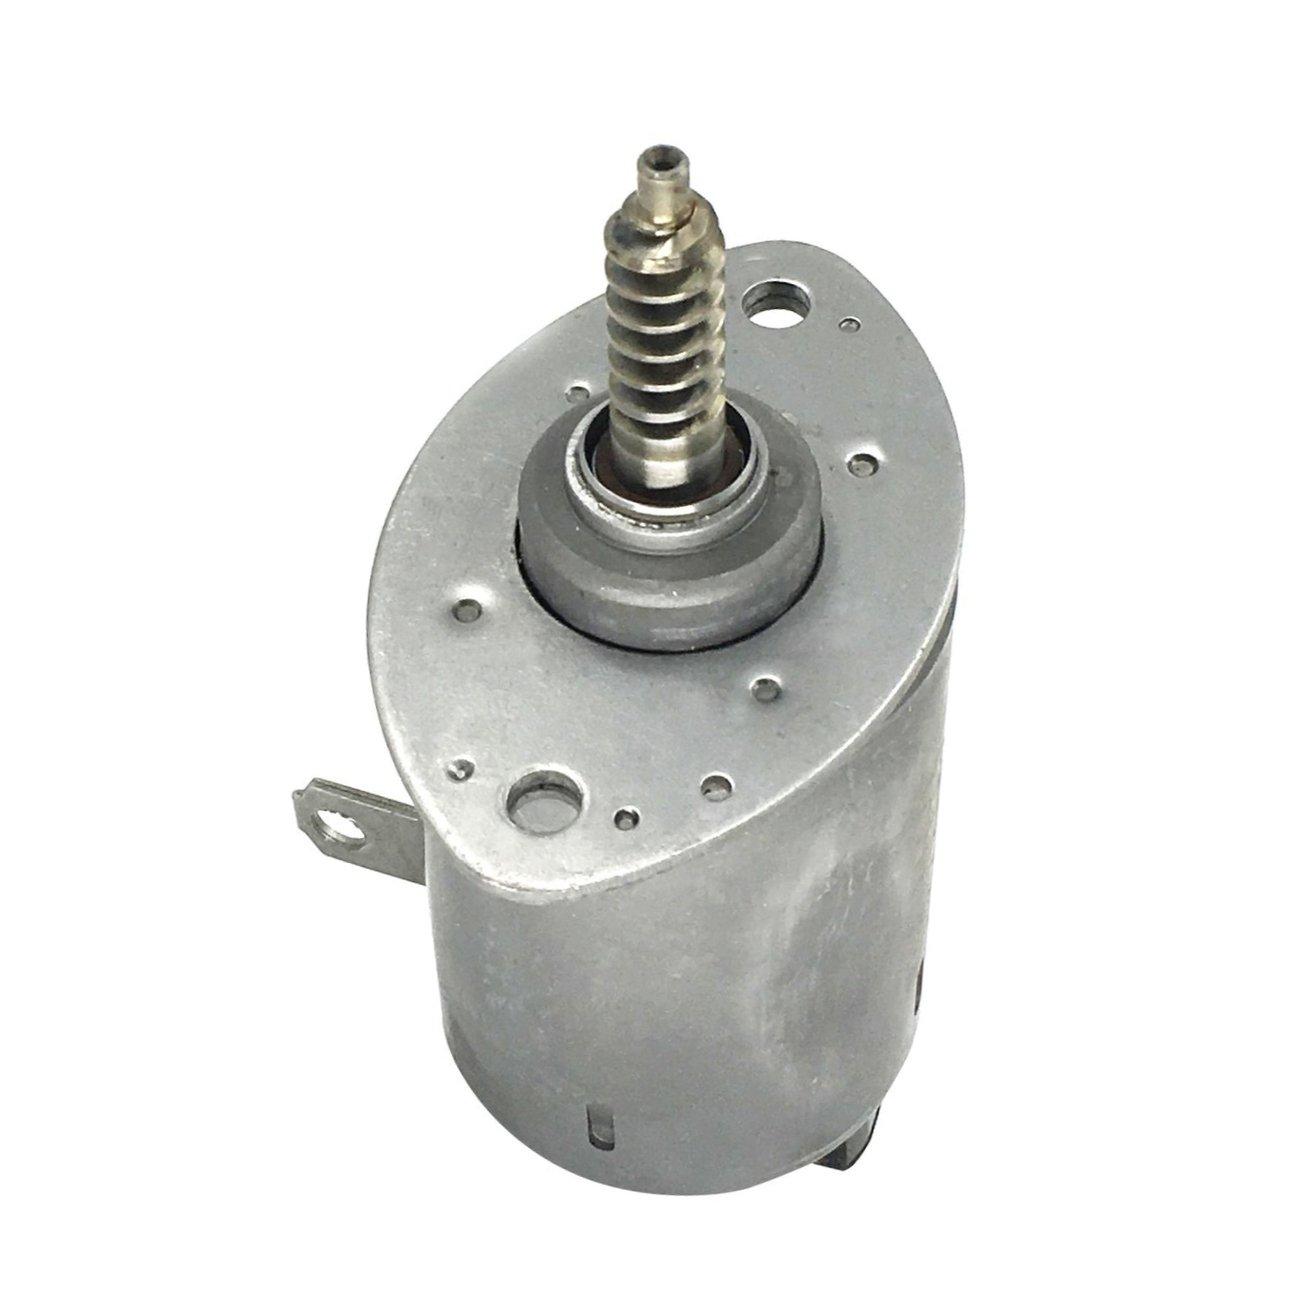 SKP SK914301 Eccentric Shaft Actuator